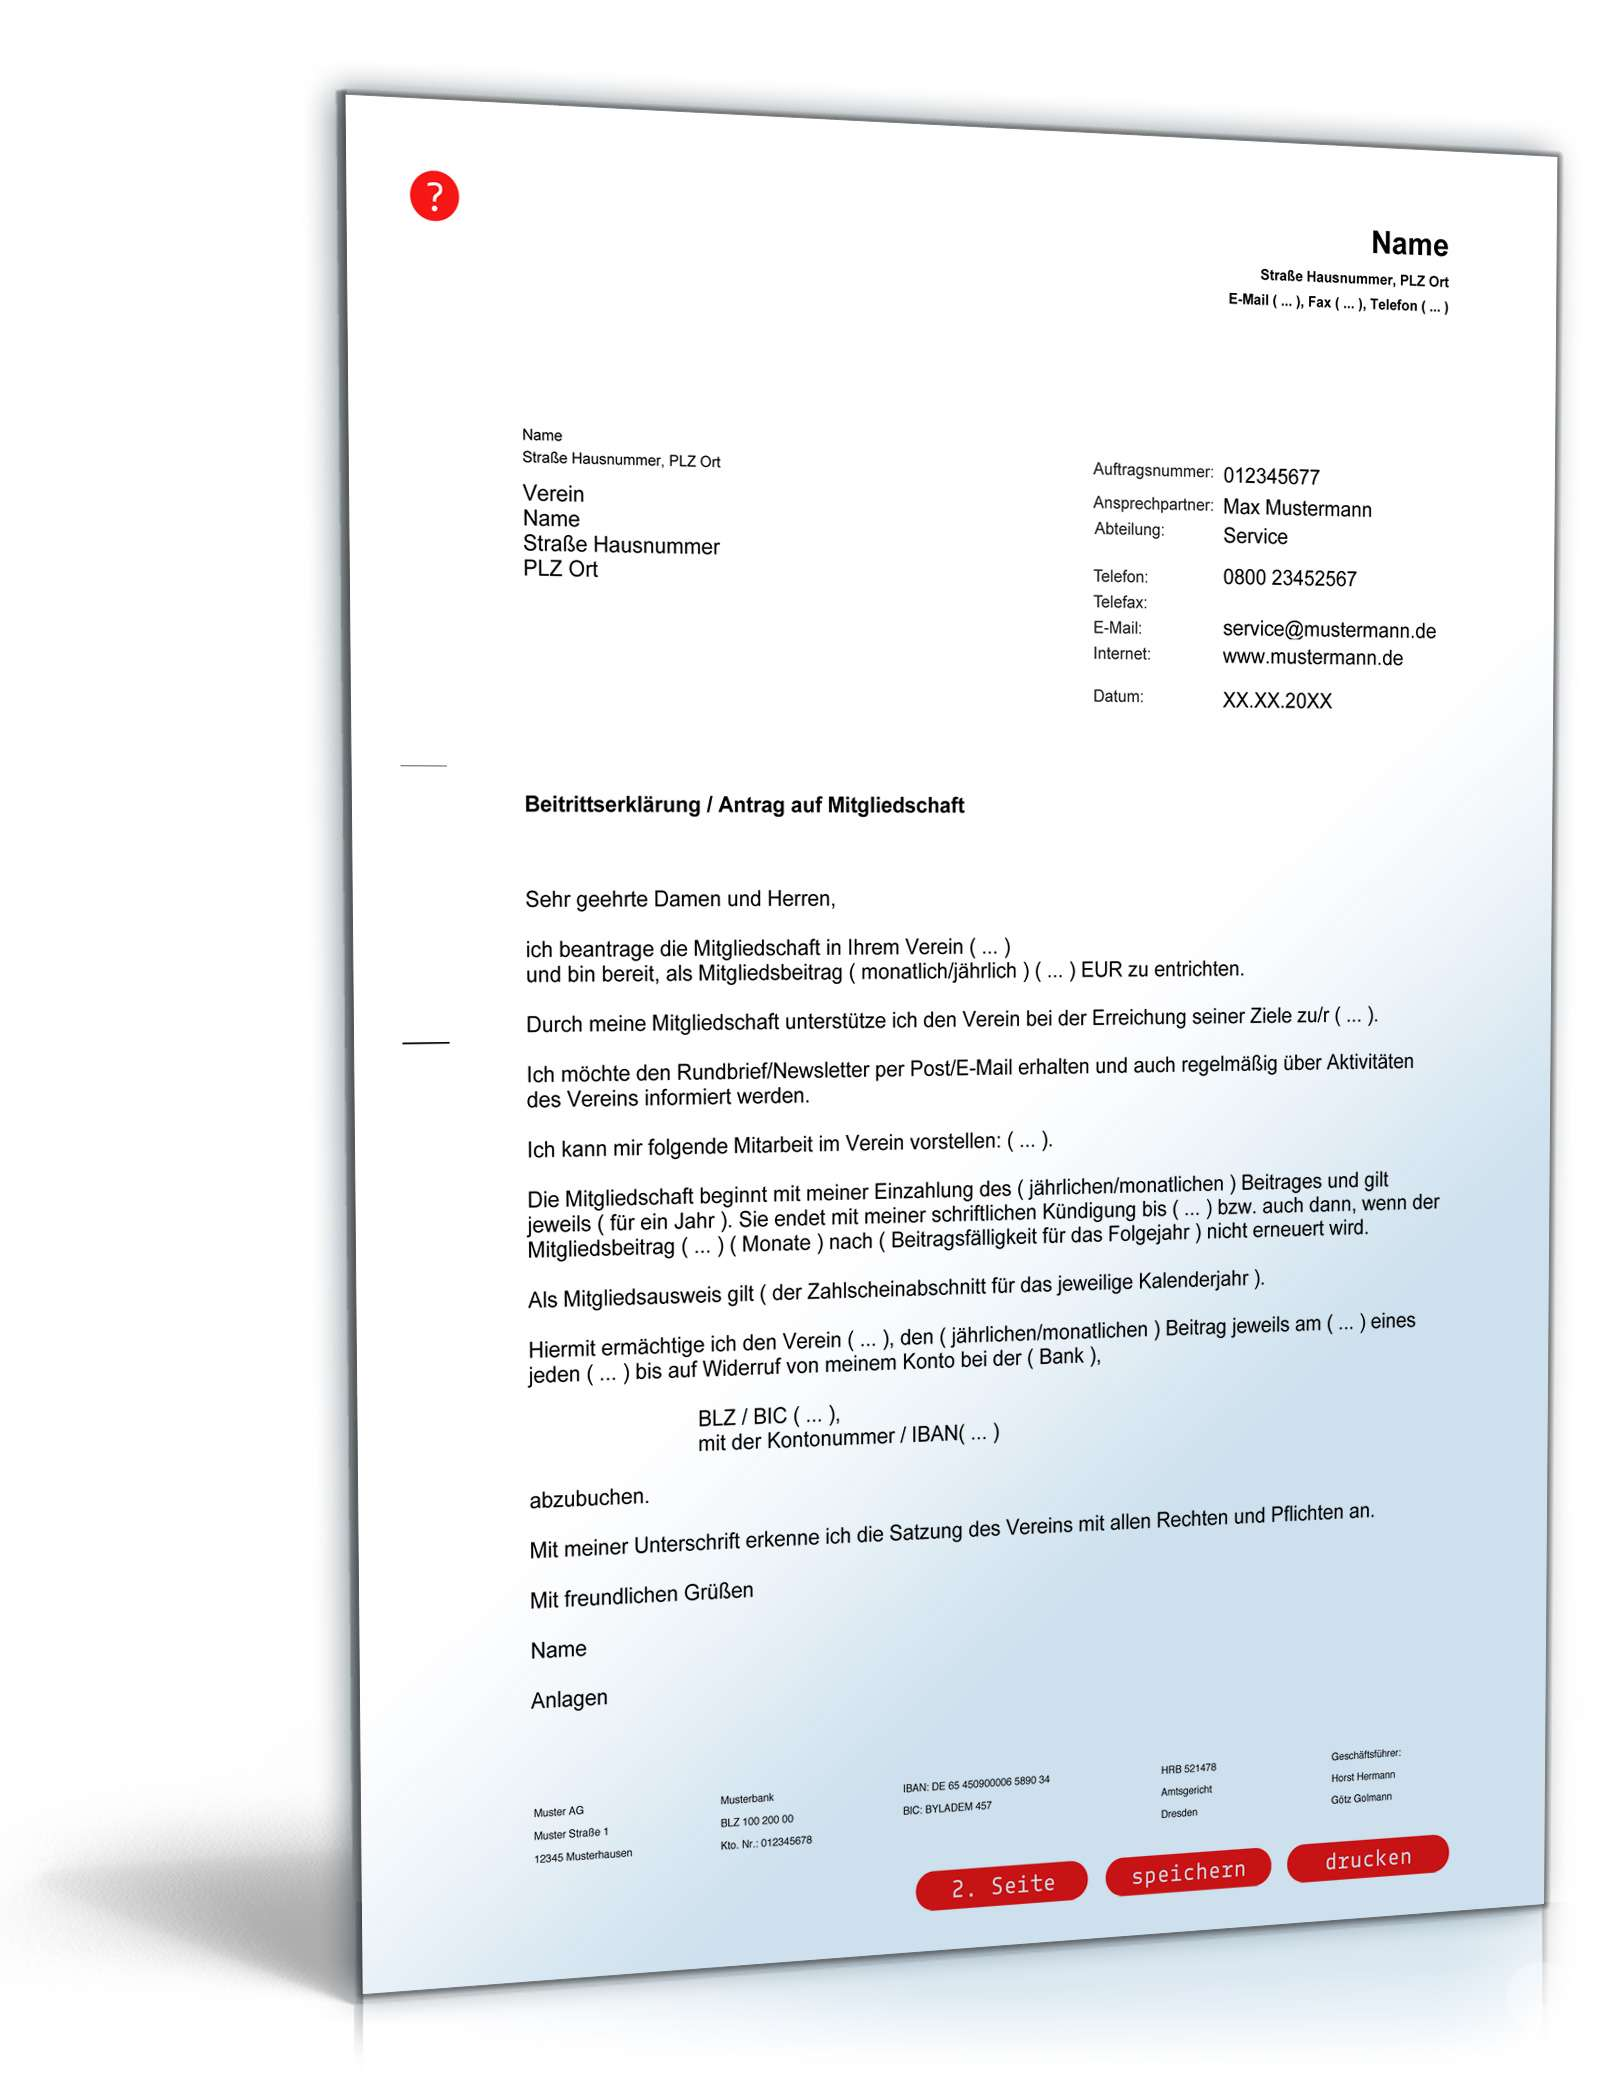 Beitrittserklärung Verein / Antrag Mitgliedschaft: Muster zum Download